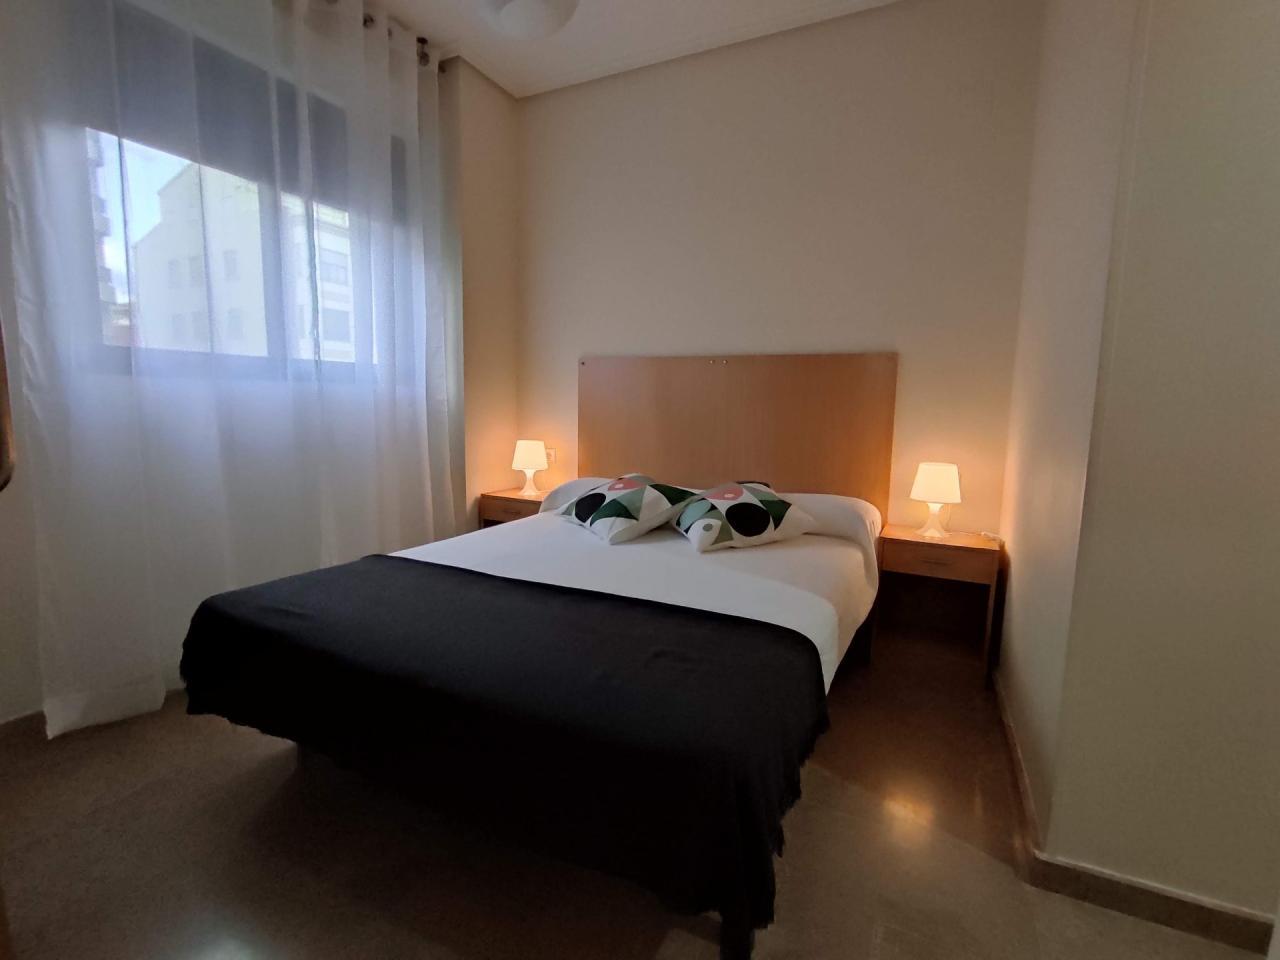 Apartment for rent in La Creu del Grau – Ref. 001193